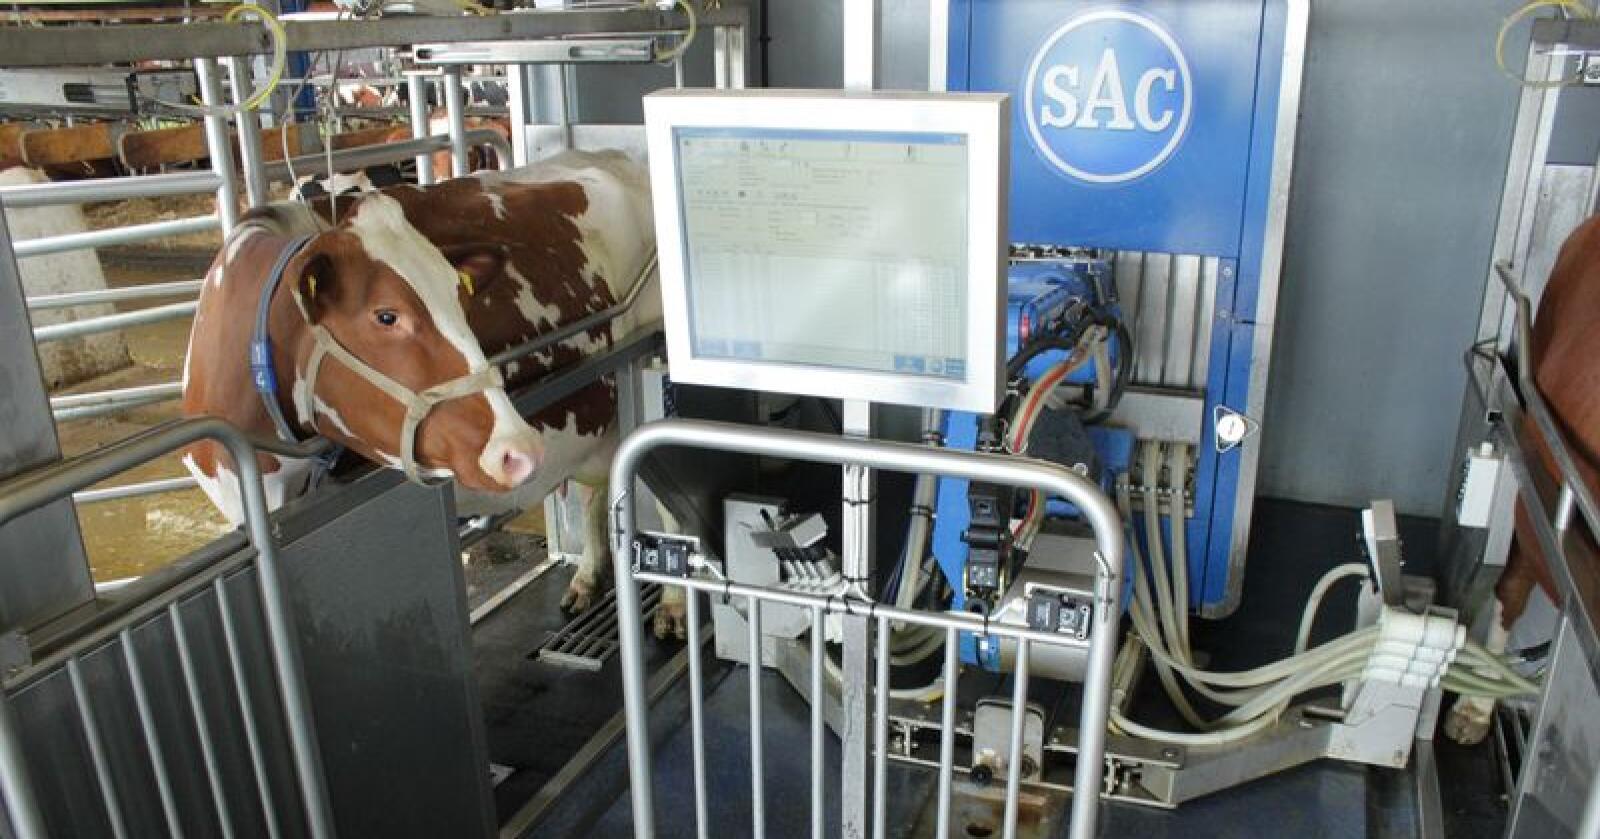 Roboter installeres i både nye og eldre, store og mindre fjøs. Utsikten til et mer sosialt liv er drivkraften for mange bønder. Foto: SAC